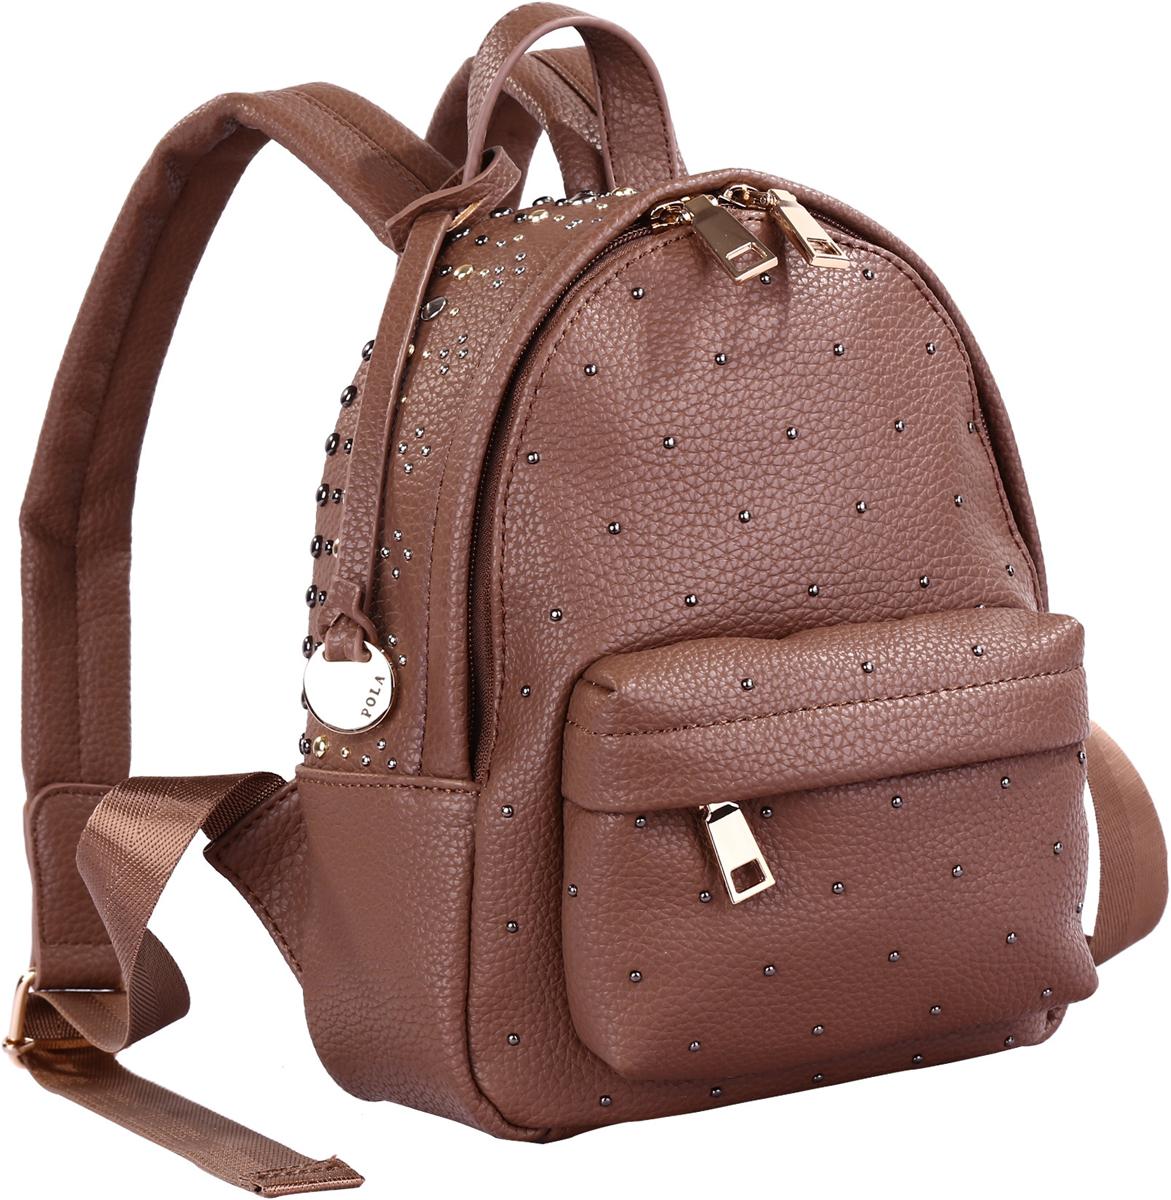 Рюкзак женский Pola, цвет: коричневый. 74521